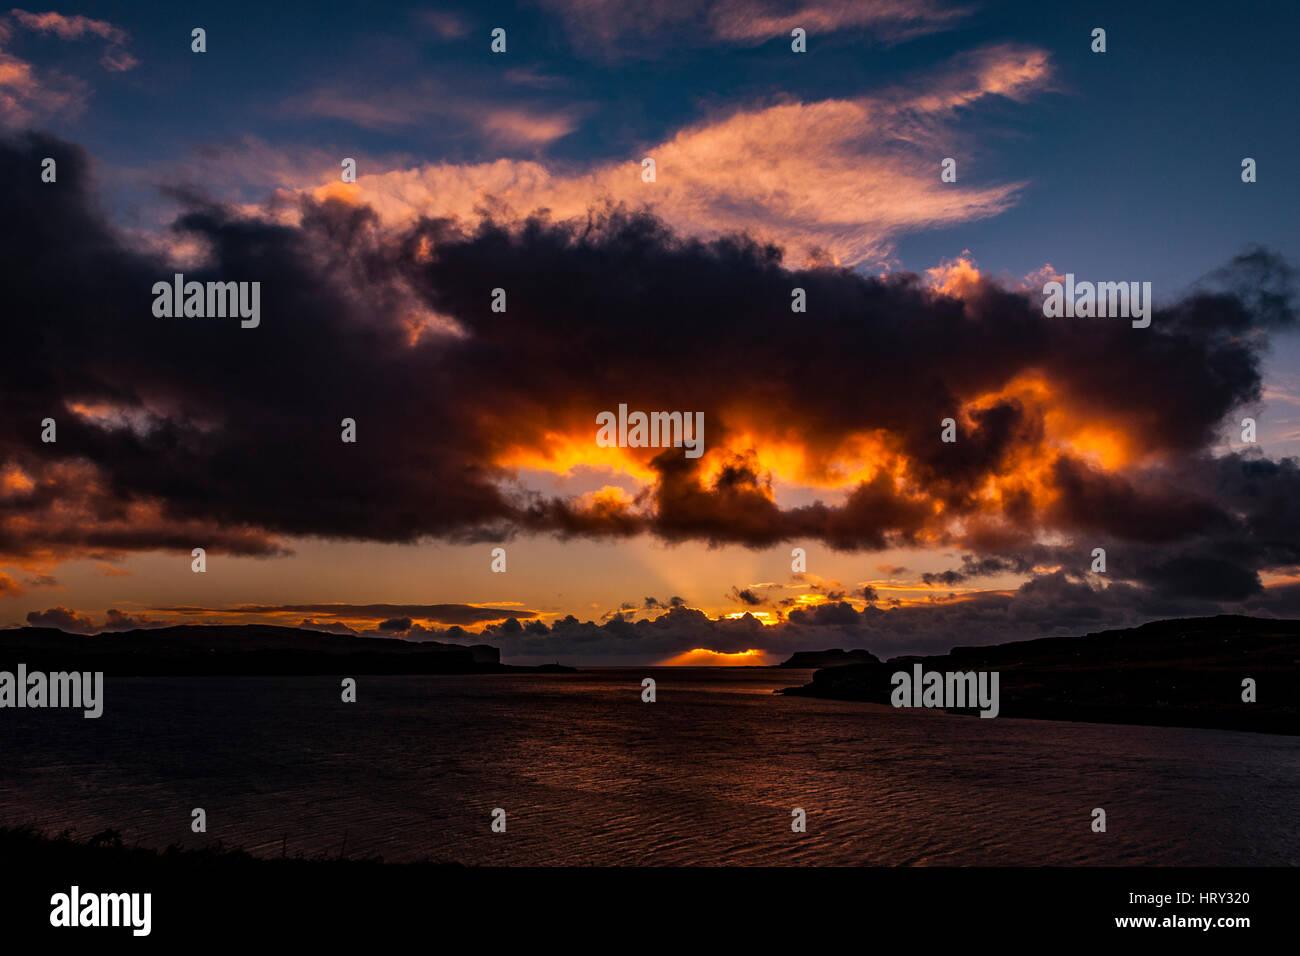 Coucher de soleil avec lumière crépusculaire sur le Loch Beag, île de Skye, regardant Ullinish Point, Bracdale Point, Point et de l'Isle Oronsay Ardtreck Banque D'Images